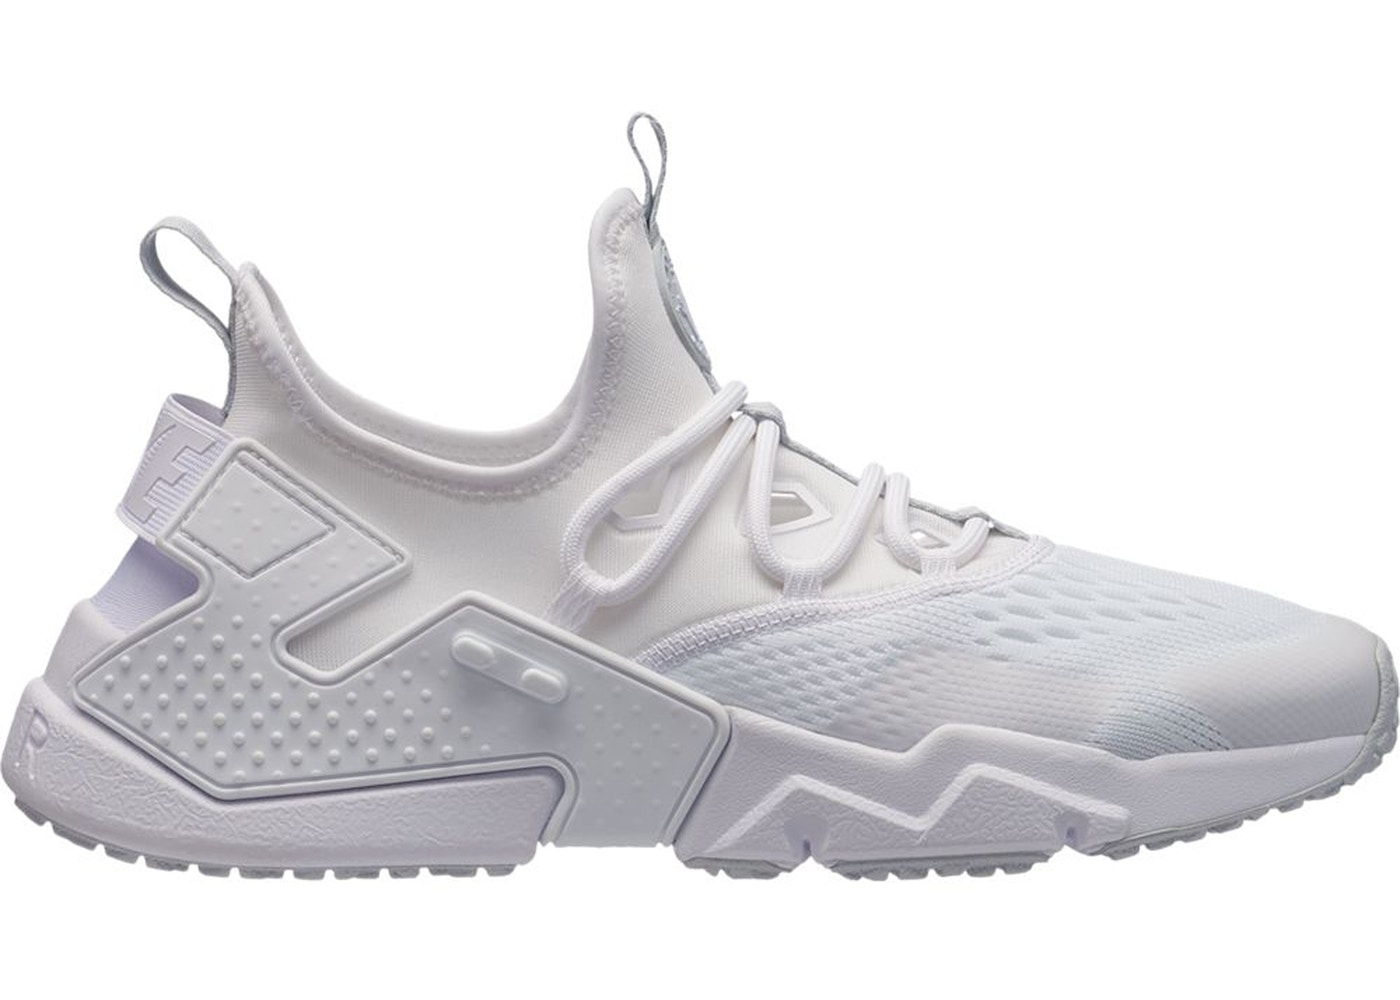 Nike Air Huarache Drift White Pure Platinum